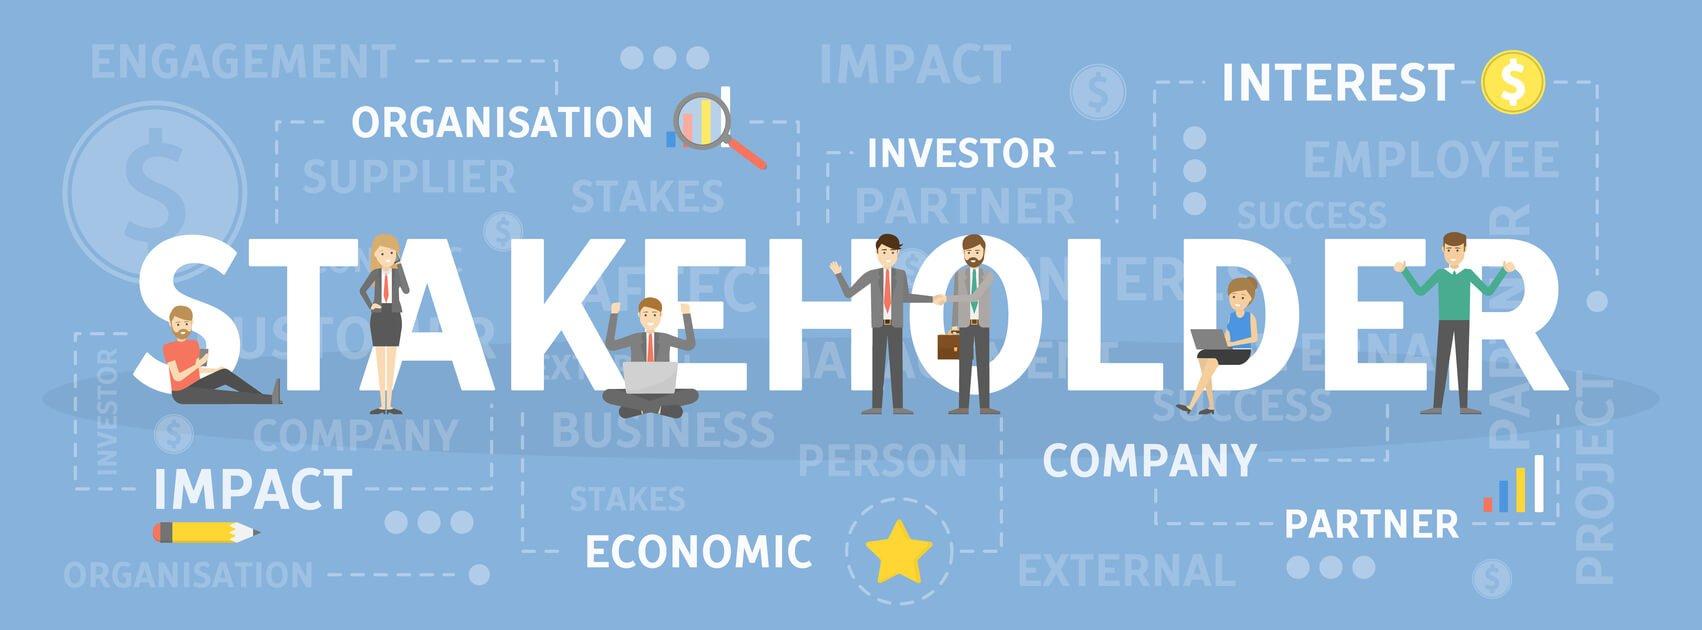 ilustração relacionada aos stakeholders